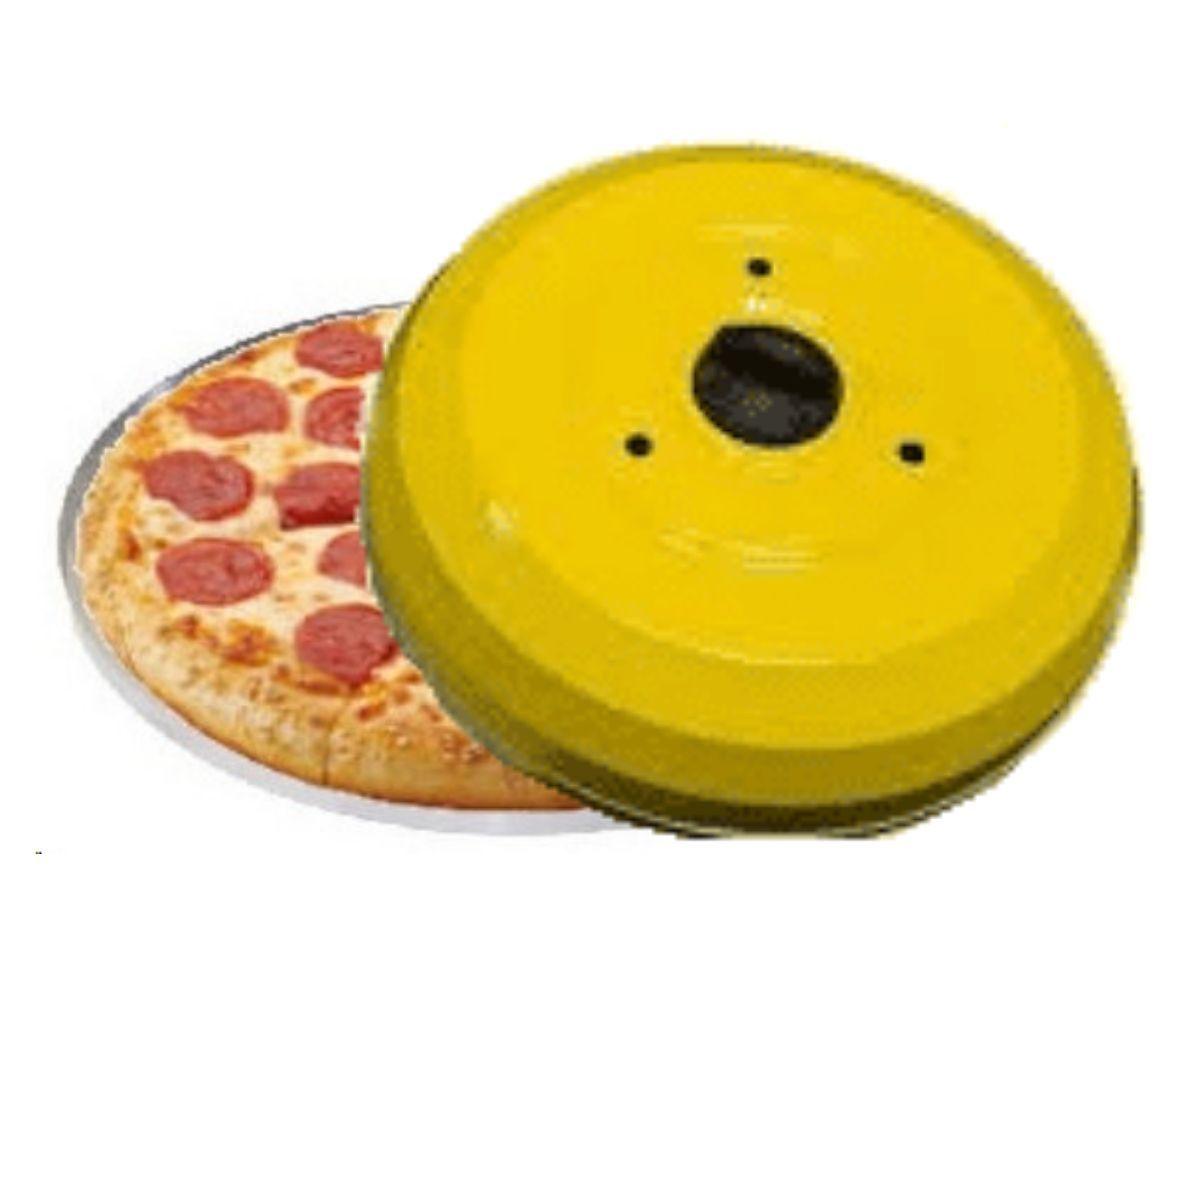 Kit Com Abafador De Pizza E Churrasco Profissional E Forma De Pizza 35cm